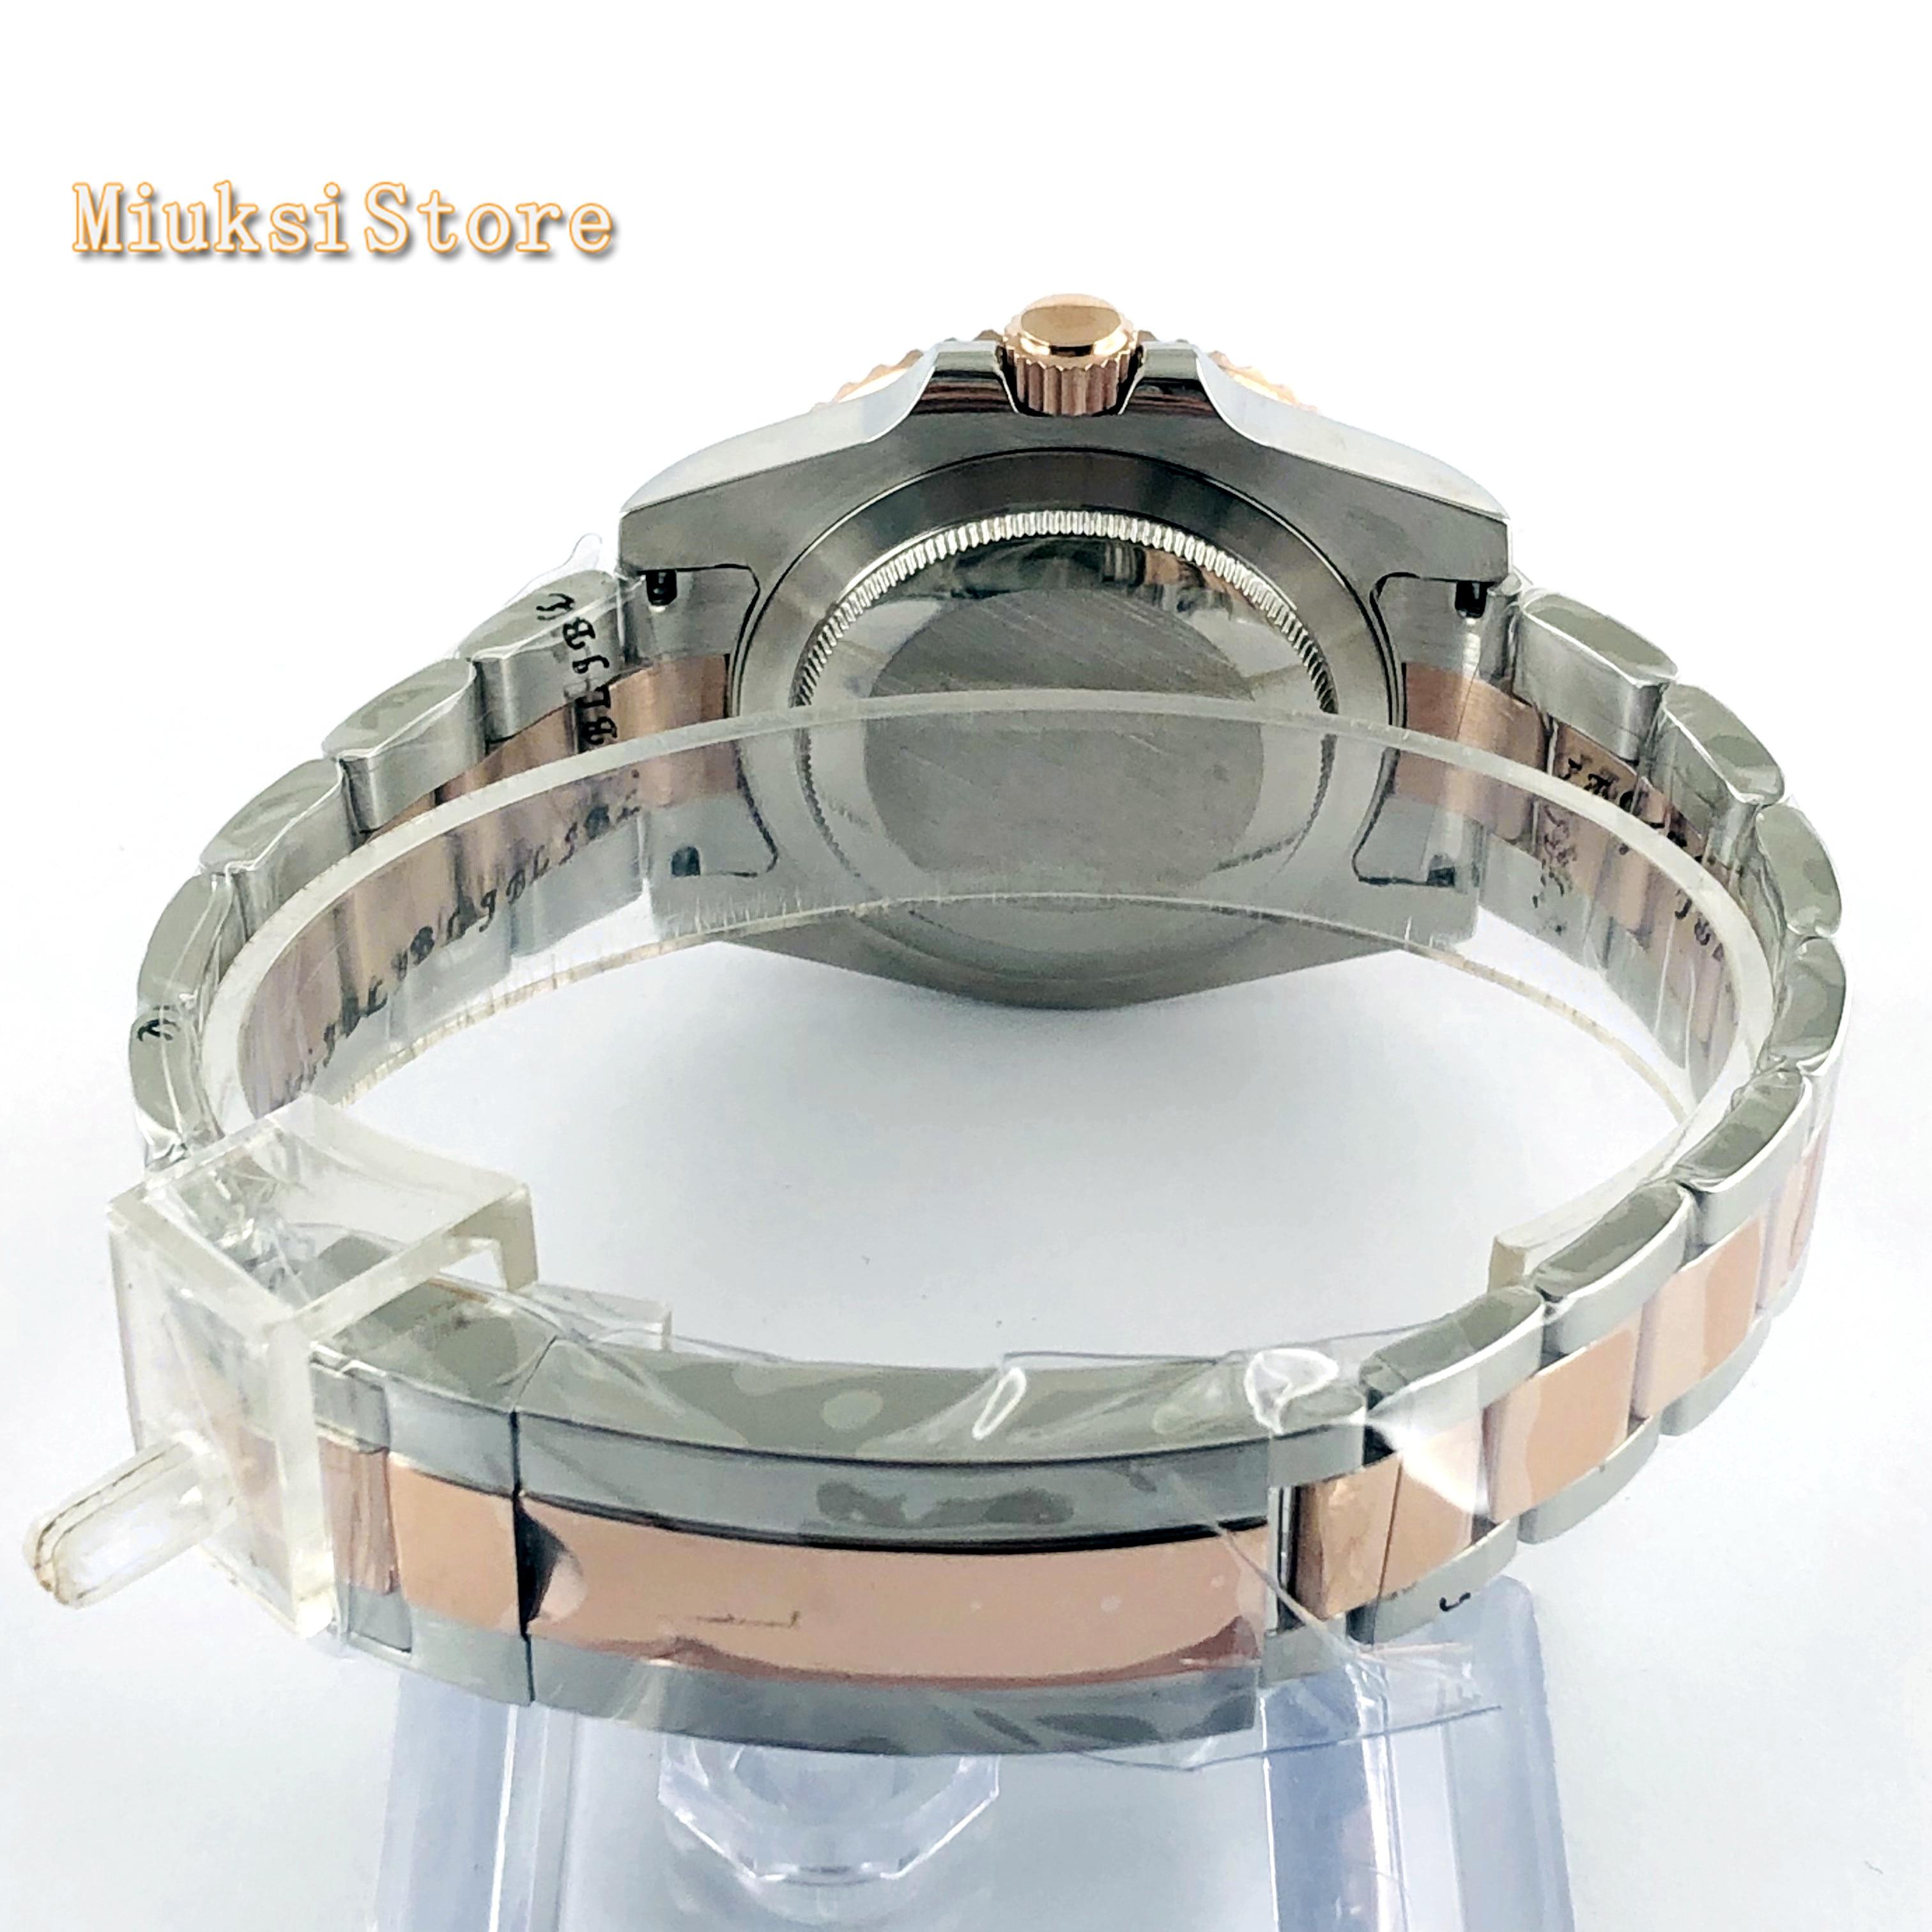 Bliger 40mm top mens negócios assista GMT black dial data vidro de safira painel de cerâmica janela luminosa relógio mecânico automático - 6